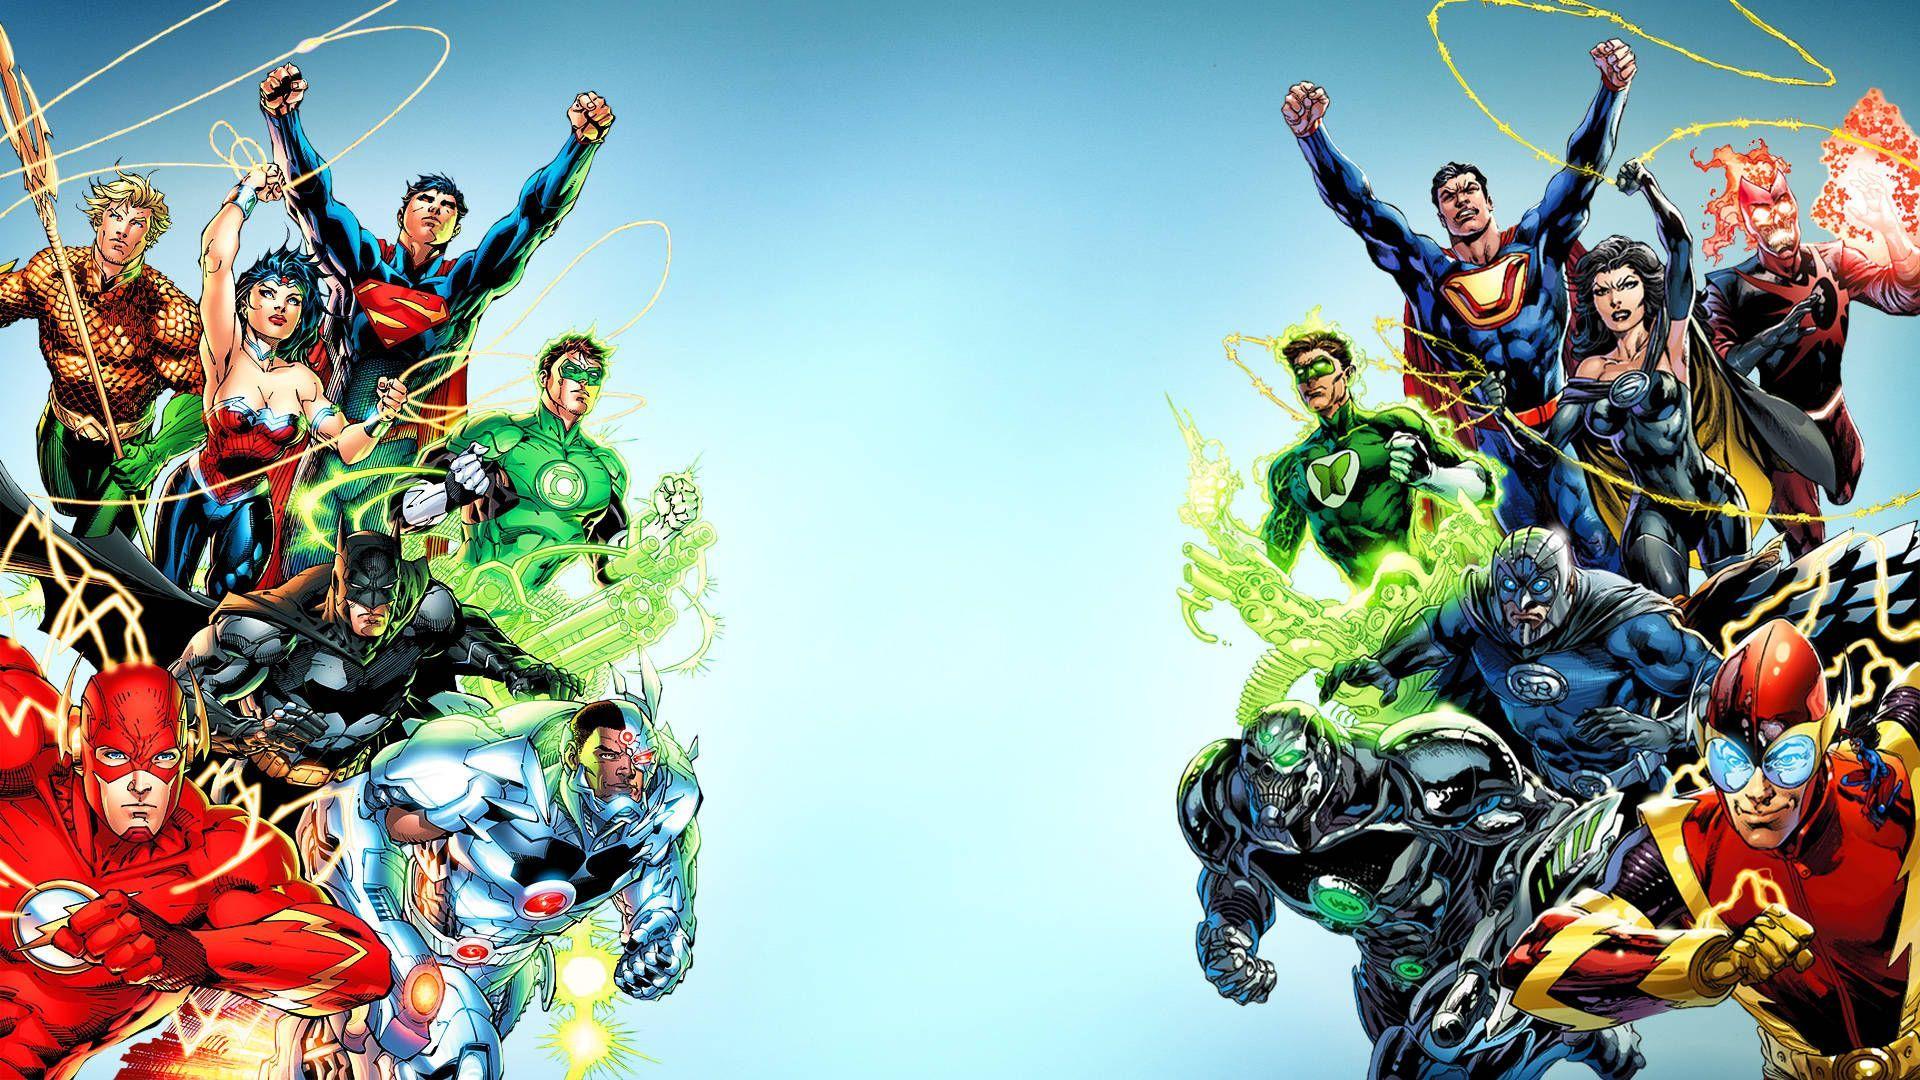 Super Heros Wallpaper 1920x1080